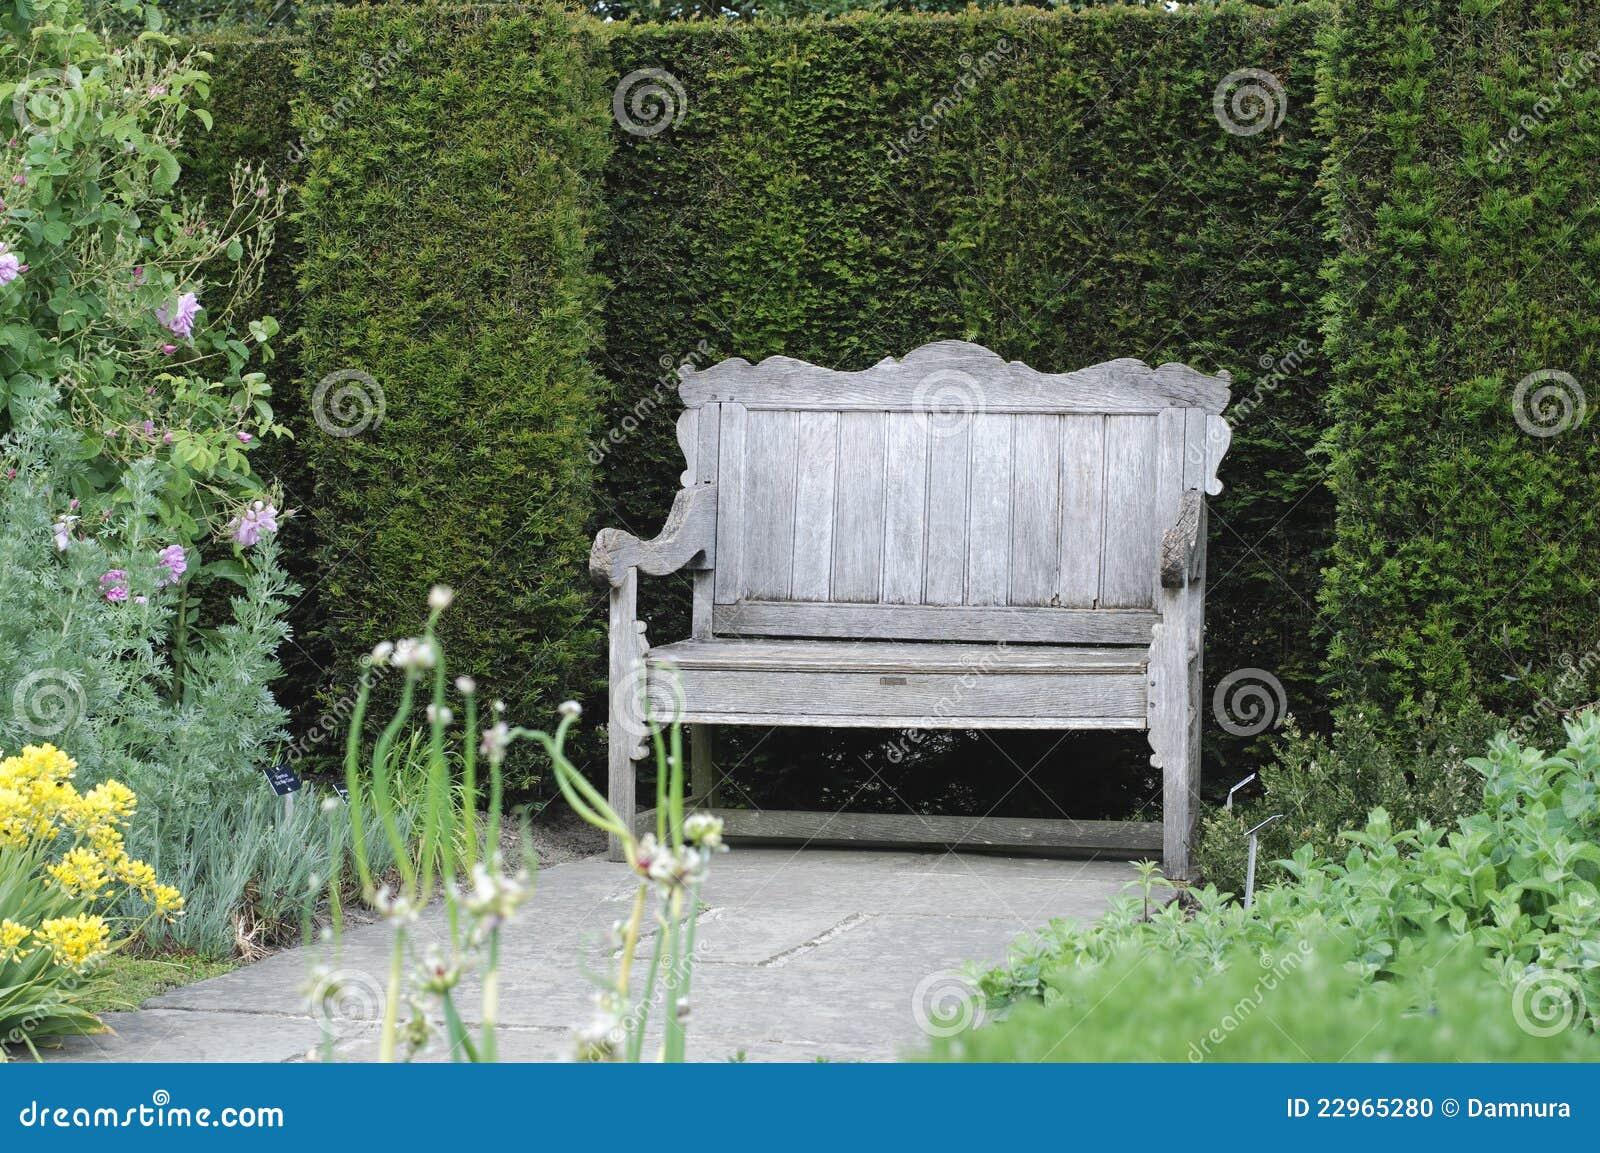 Banc De Jardin Dans Le Jardin Anglais Photo Stock Image Du Nature